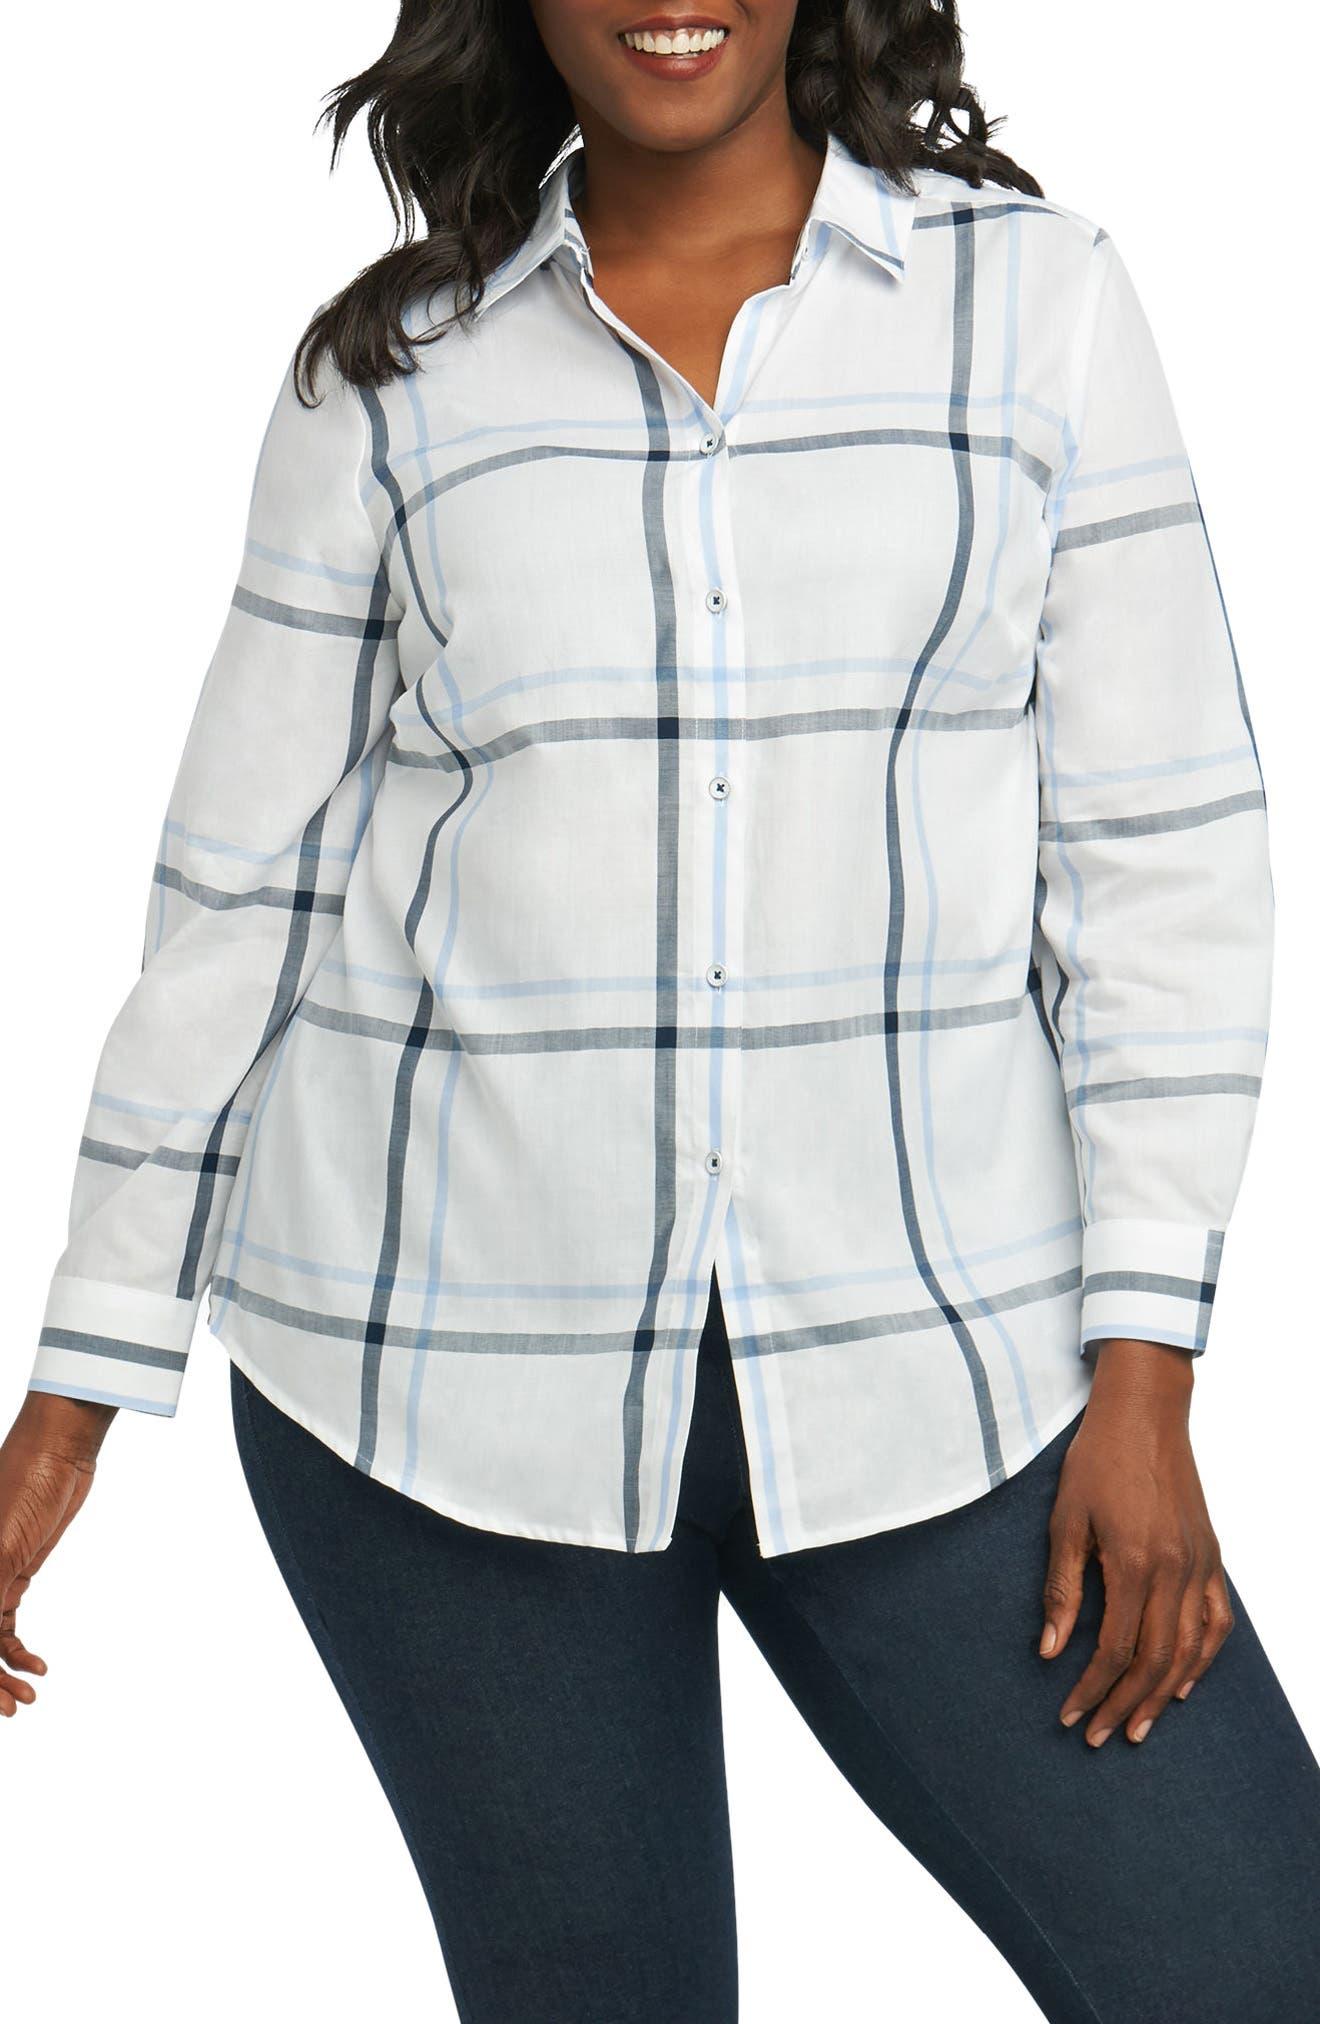 Main Image - Foxcroft Coralie Plaid Woven Shirt (Plus Size)